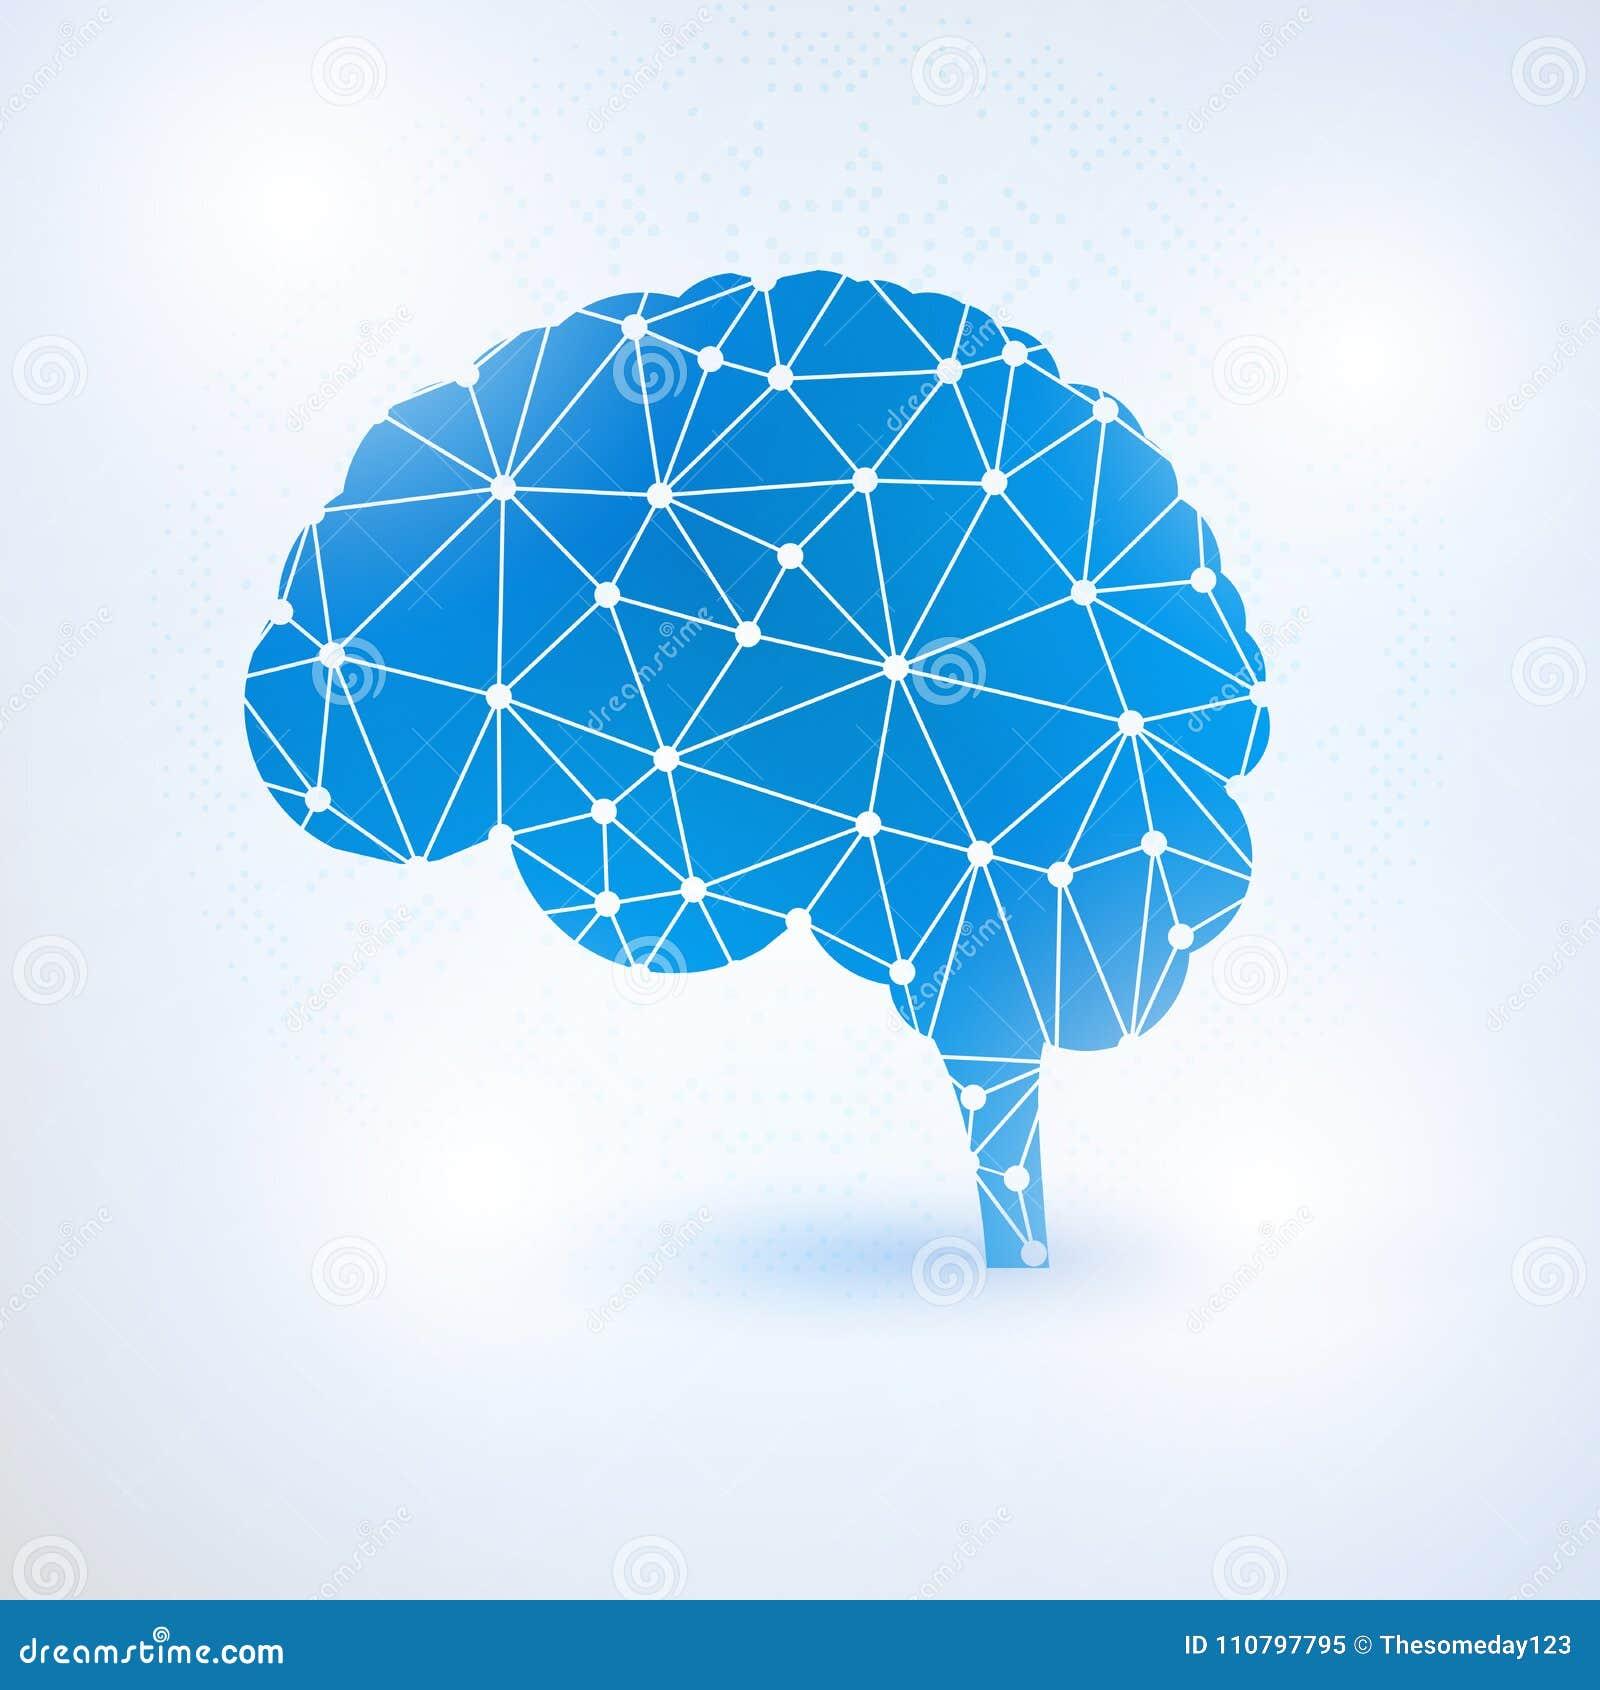 Έννοια εγκεφάλου τεχνητής νοημοσύνης με τα δυαδικά ψηφία